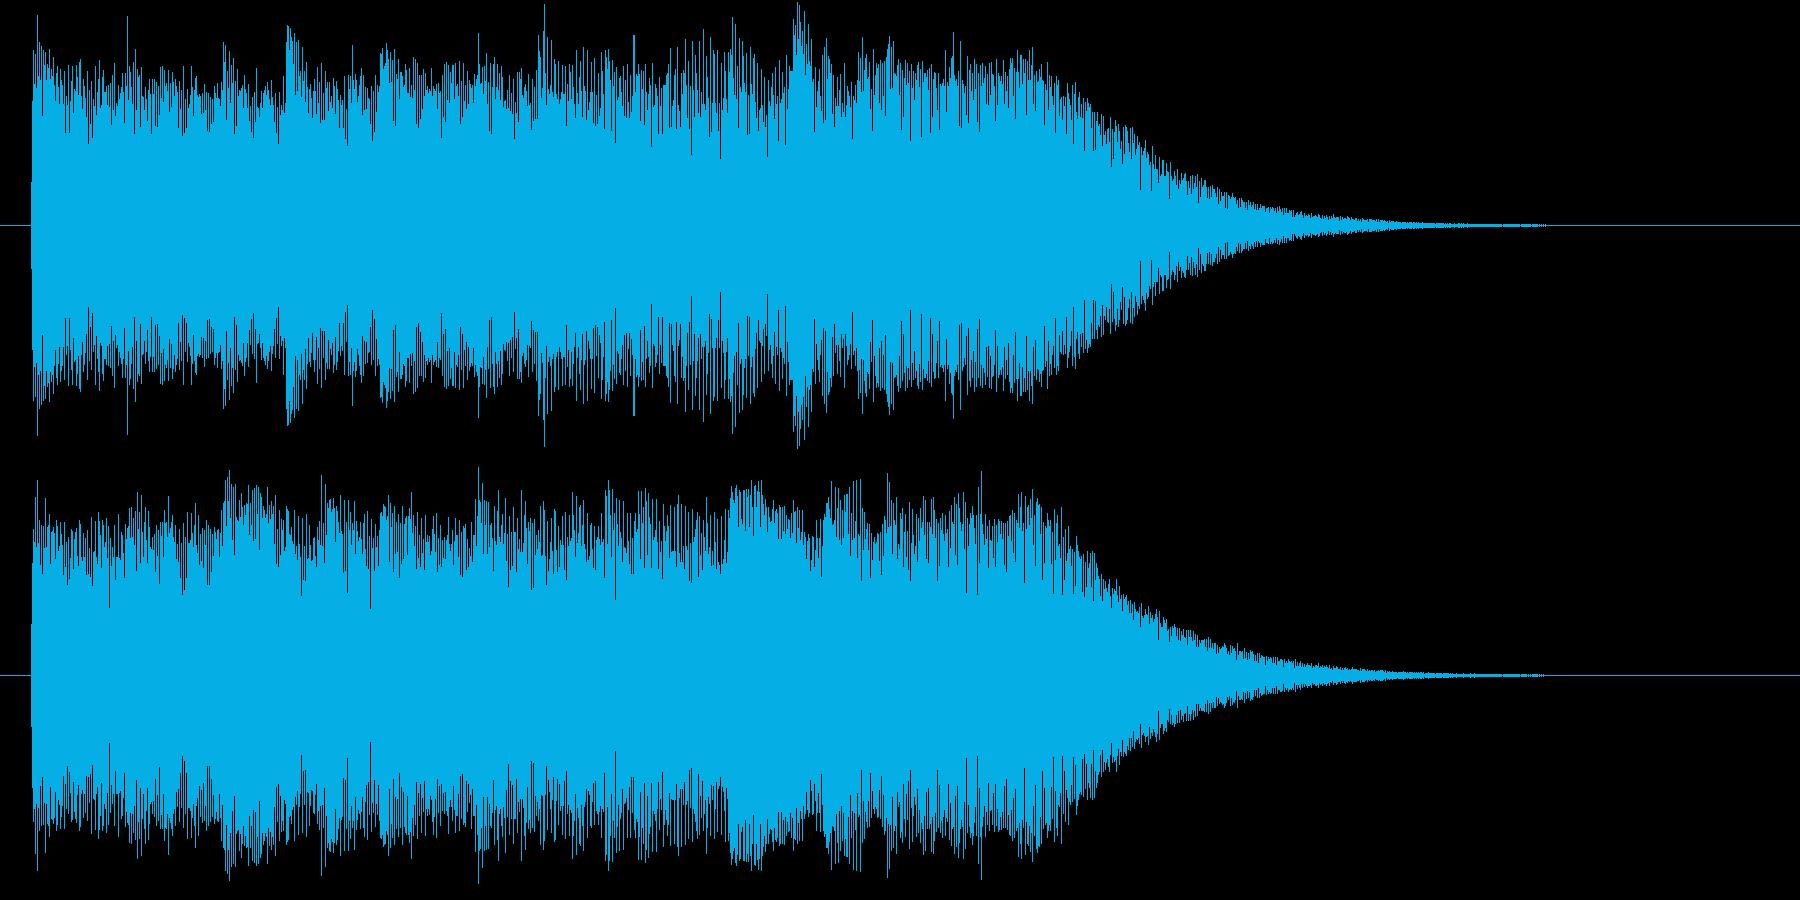 スタイリッシュな映像オープニングロゴの再生済みの波形